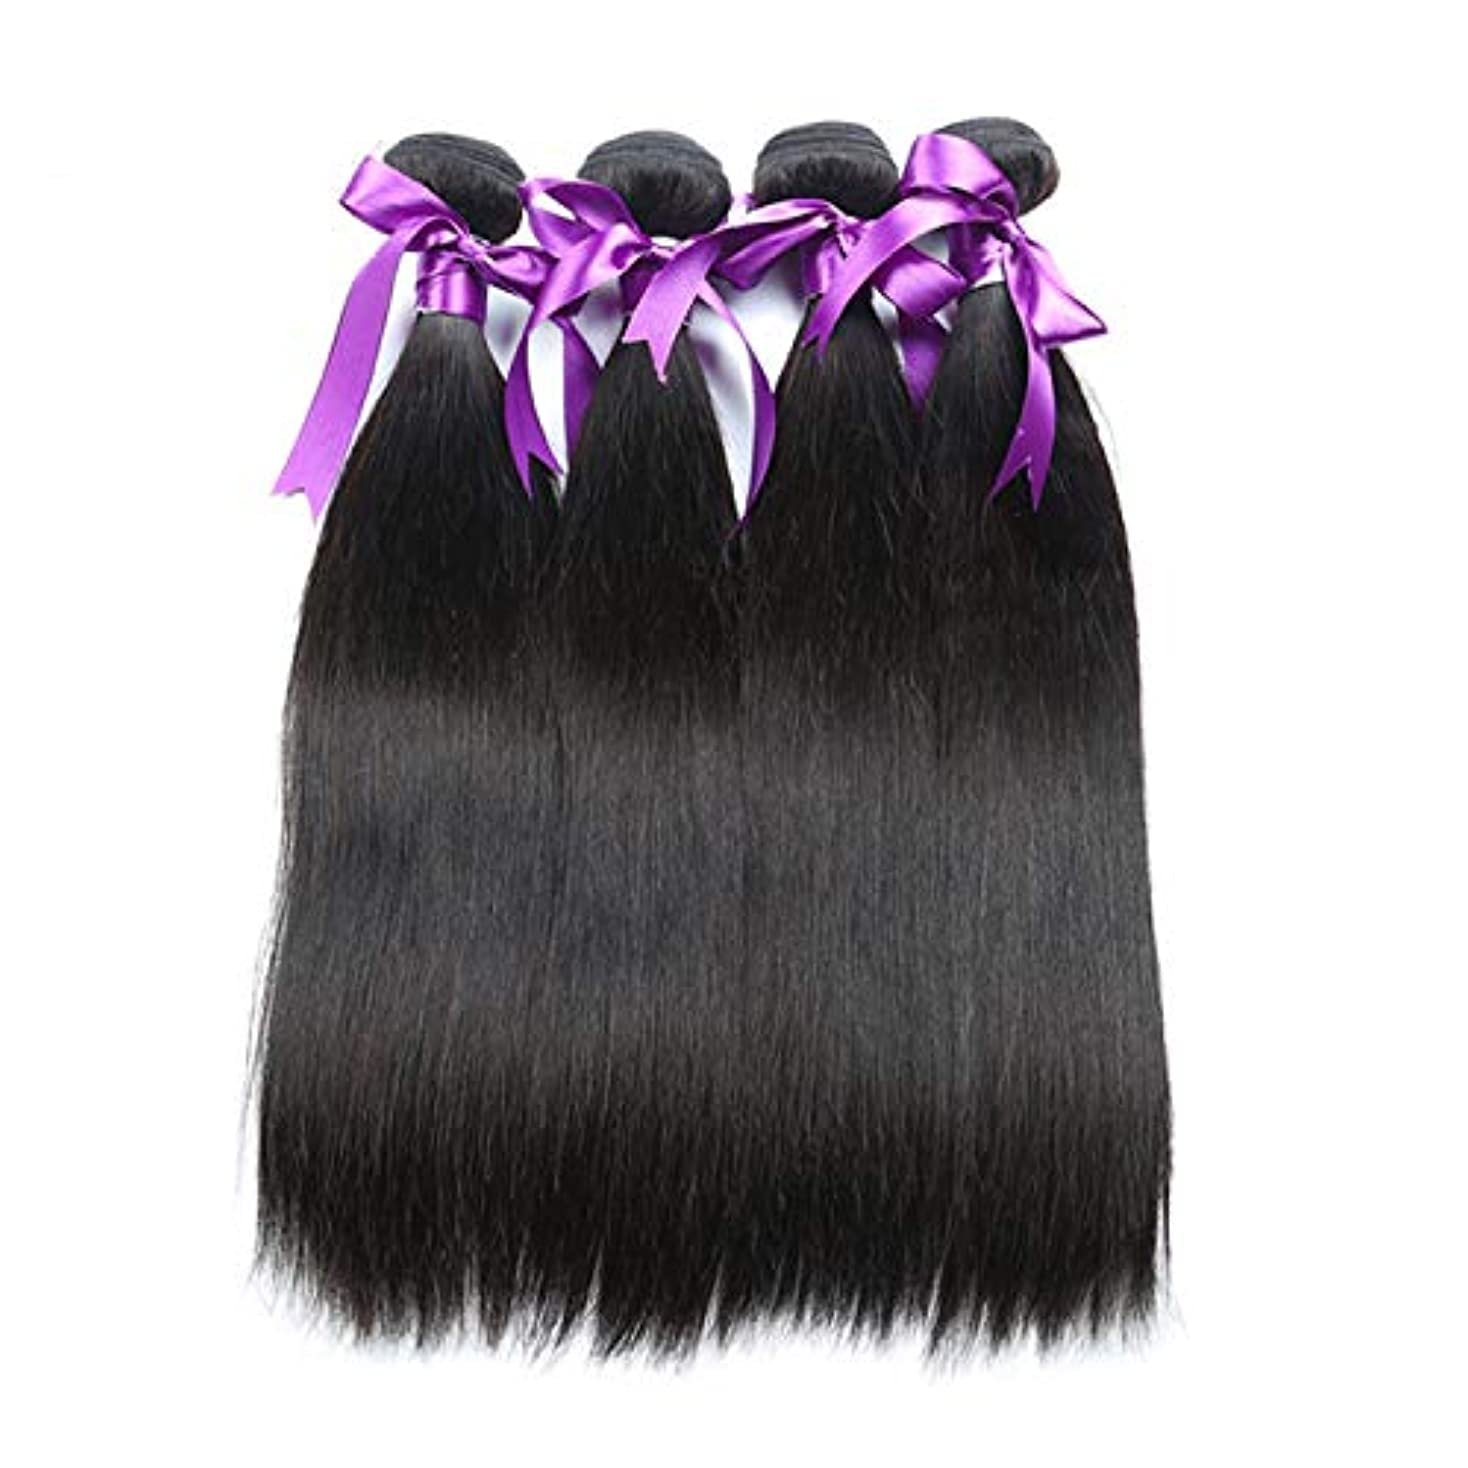 列車等しい服を着るマレーシアのストレートヘア4本の人間の髪の束非レミーの毛の延長天然黒体毛髪のかつら かつら (Length : 8 8 8 8)